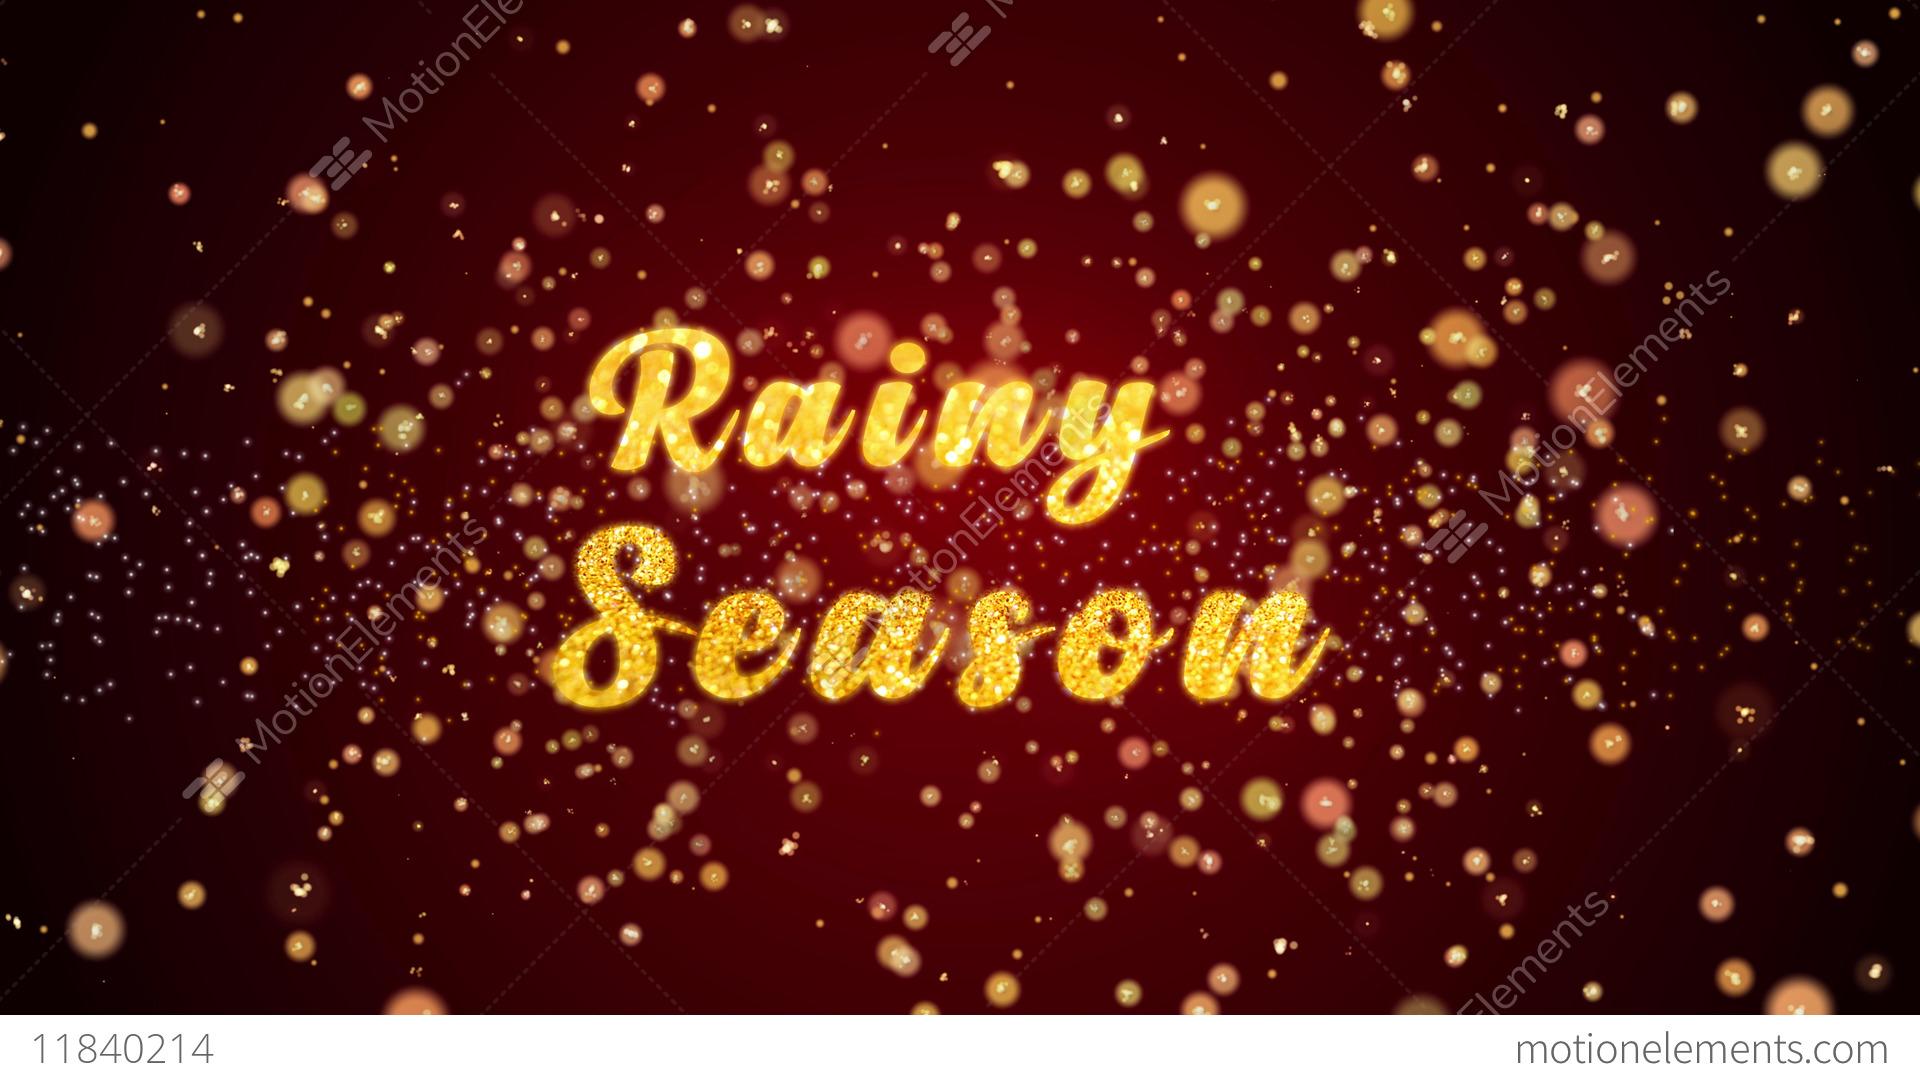 Rainy Season Greeting Card Text Shiny Particles For Celebration